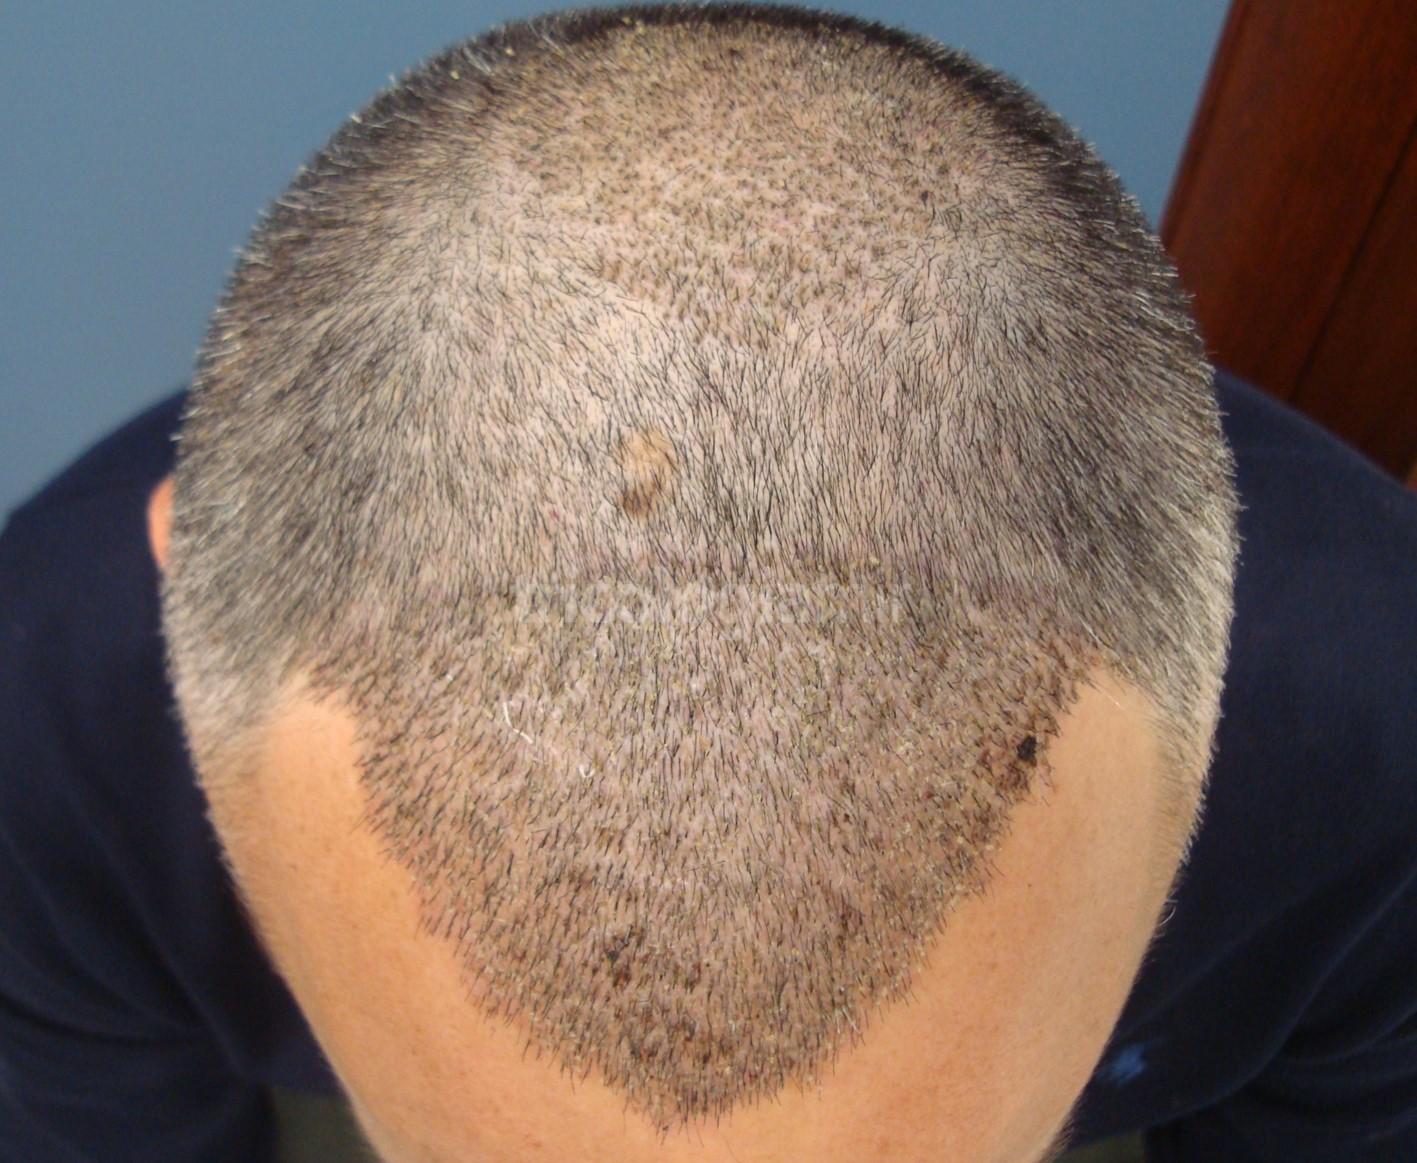 Zonas receptoras (frontal y coronilla) tras 6 días de la intervención